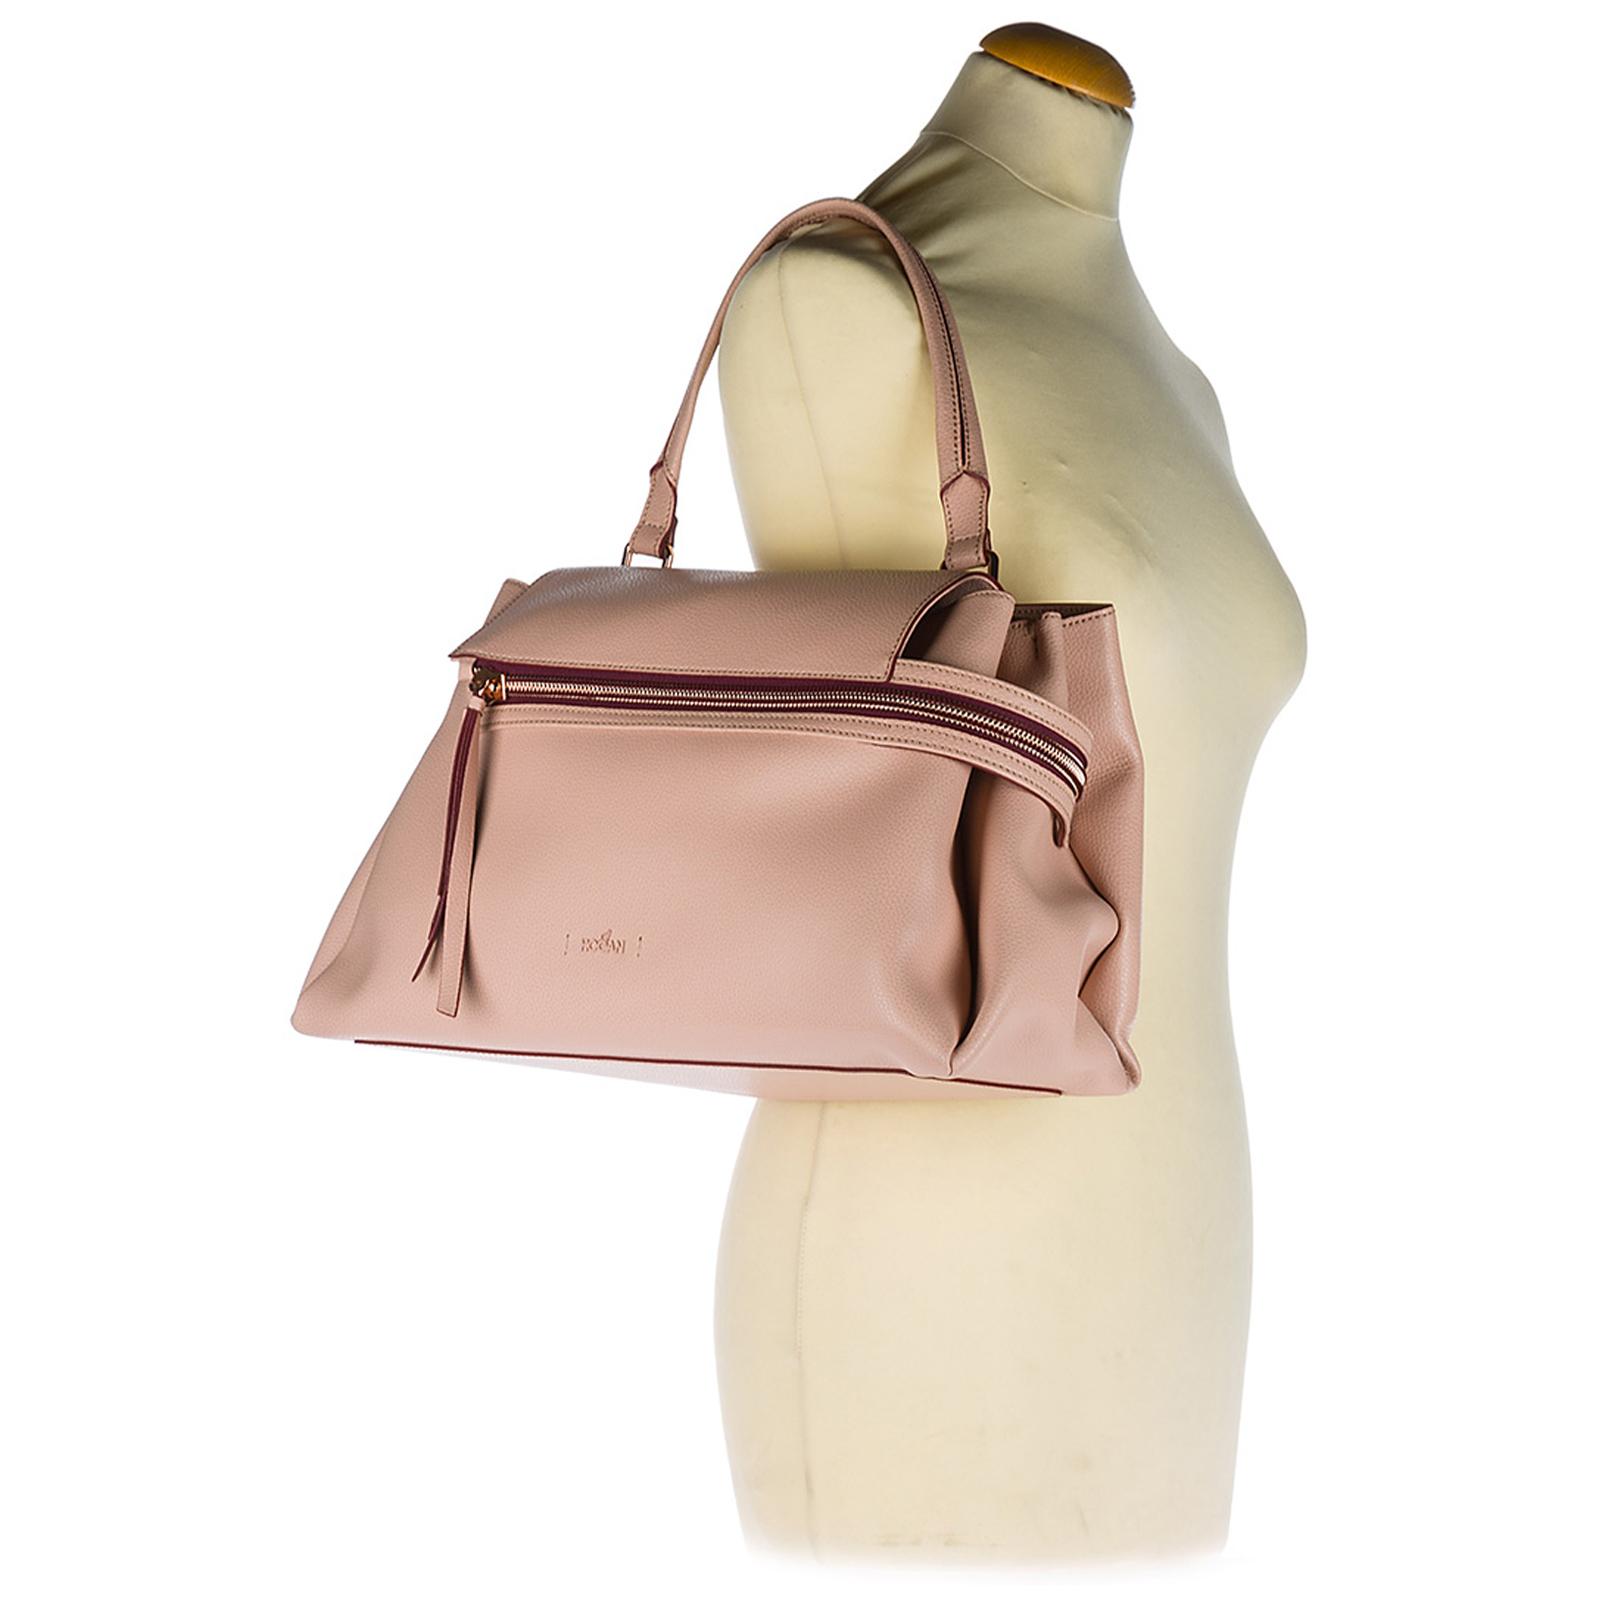 Tasche Bag Leder Umhängetasche Damen Clubbing Schultertasche wO8n0Pk